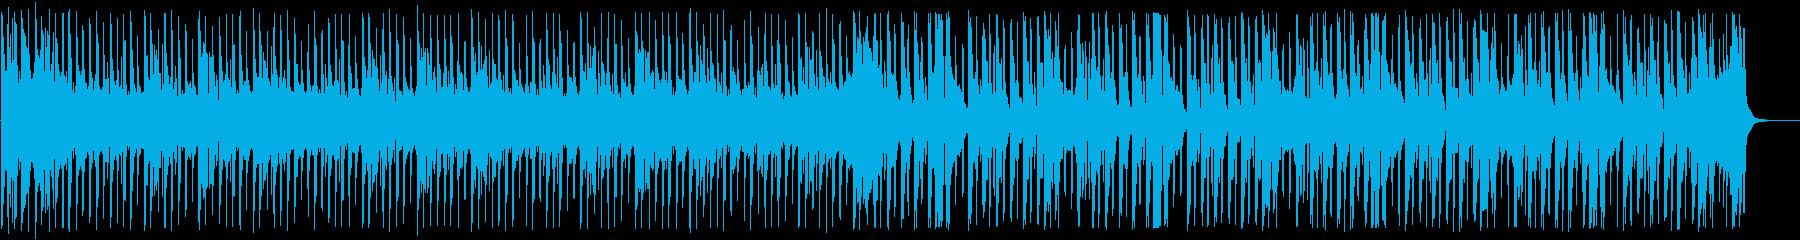 サイバーなディープハウス_No679_2の再生済みの波形